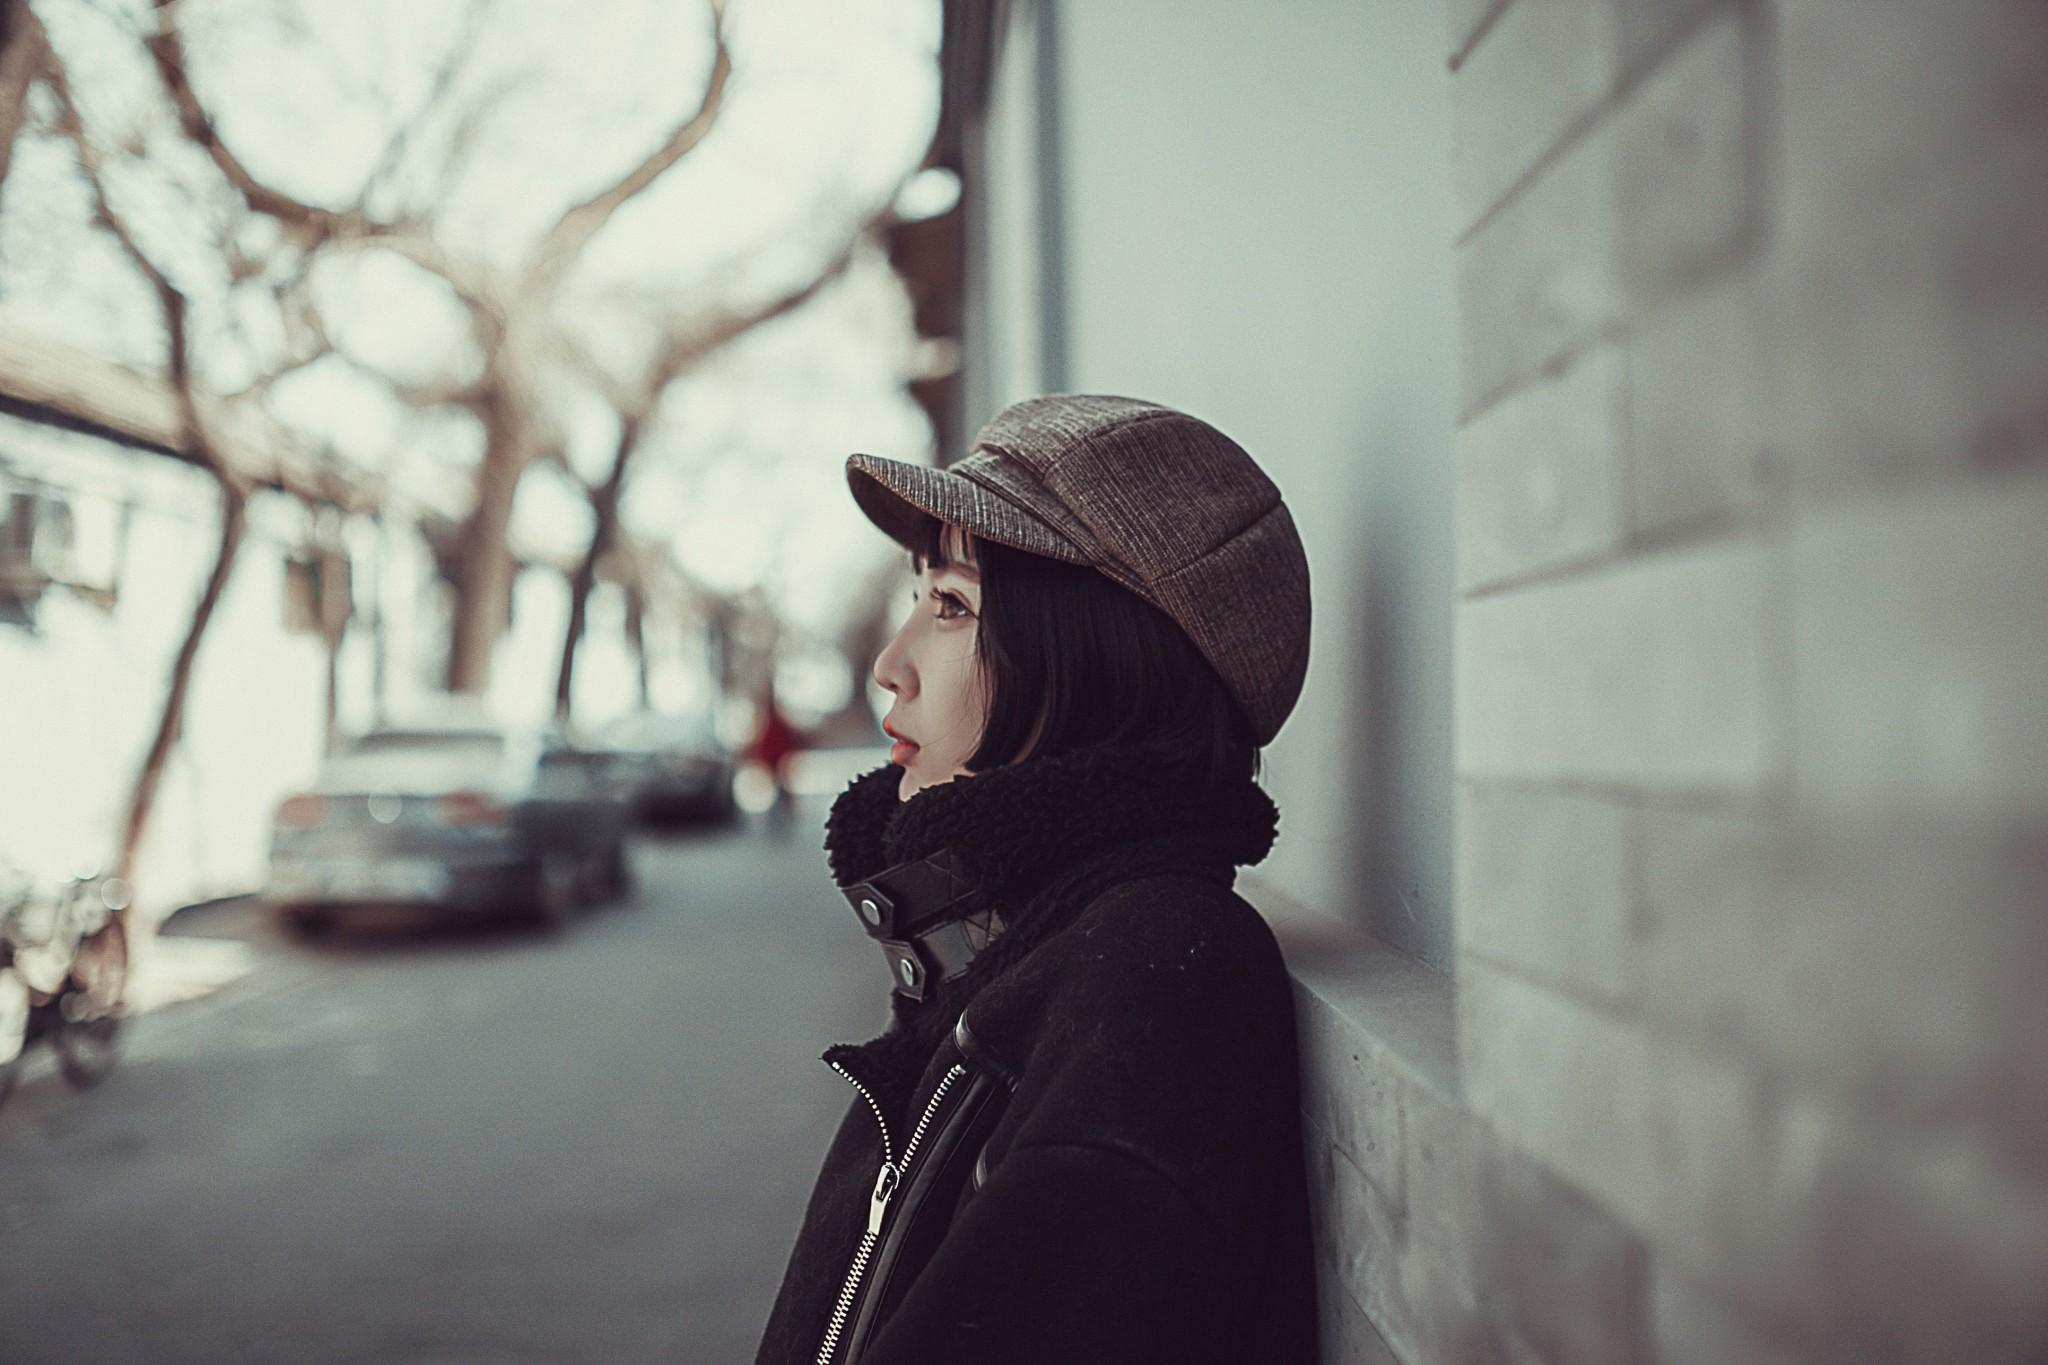 woman-670130.jpg